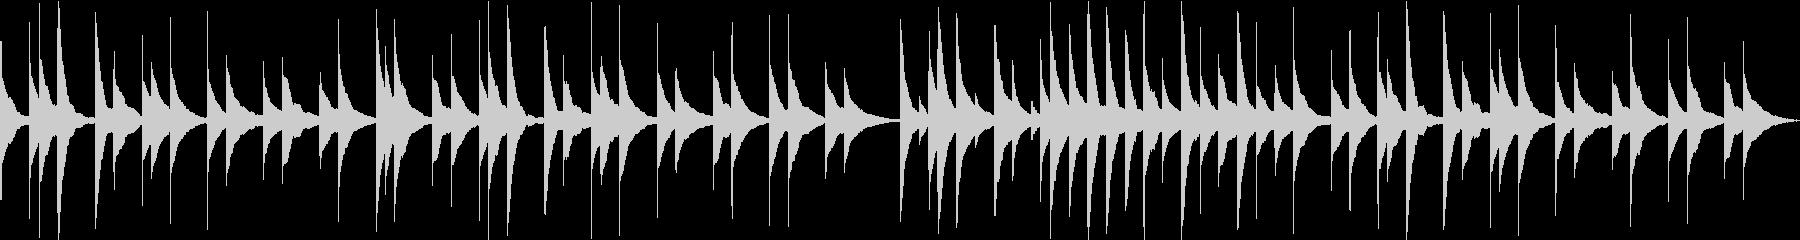 モーツアルト、ピアノソナタのオルゴールの未再生の波形